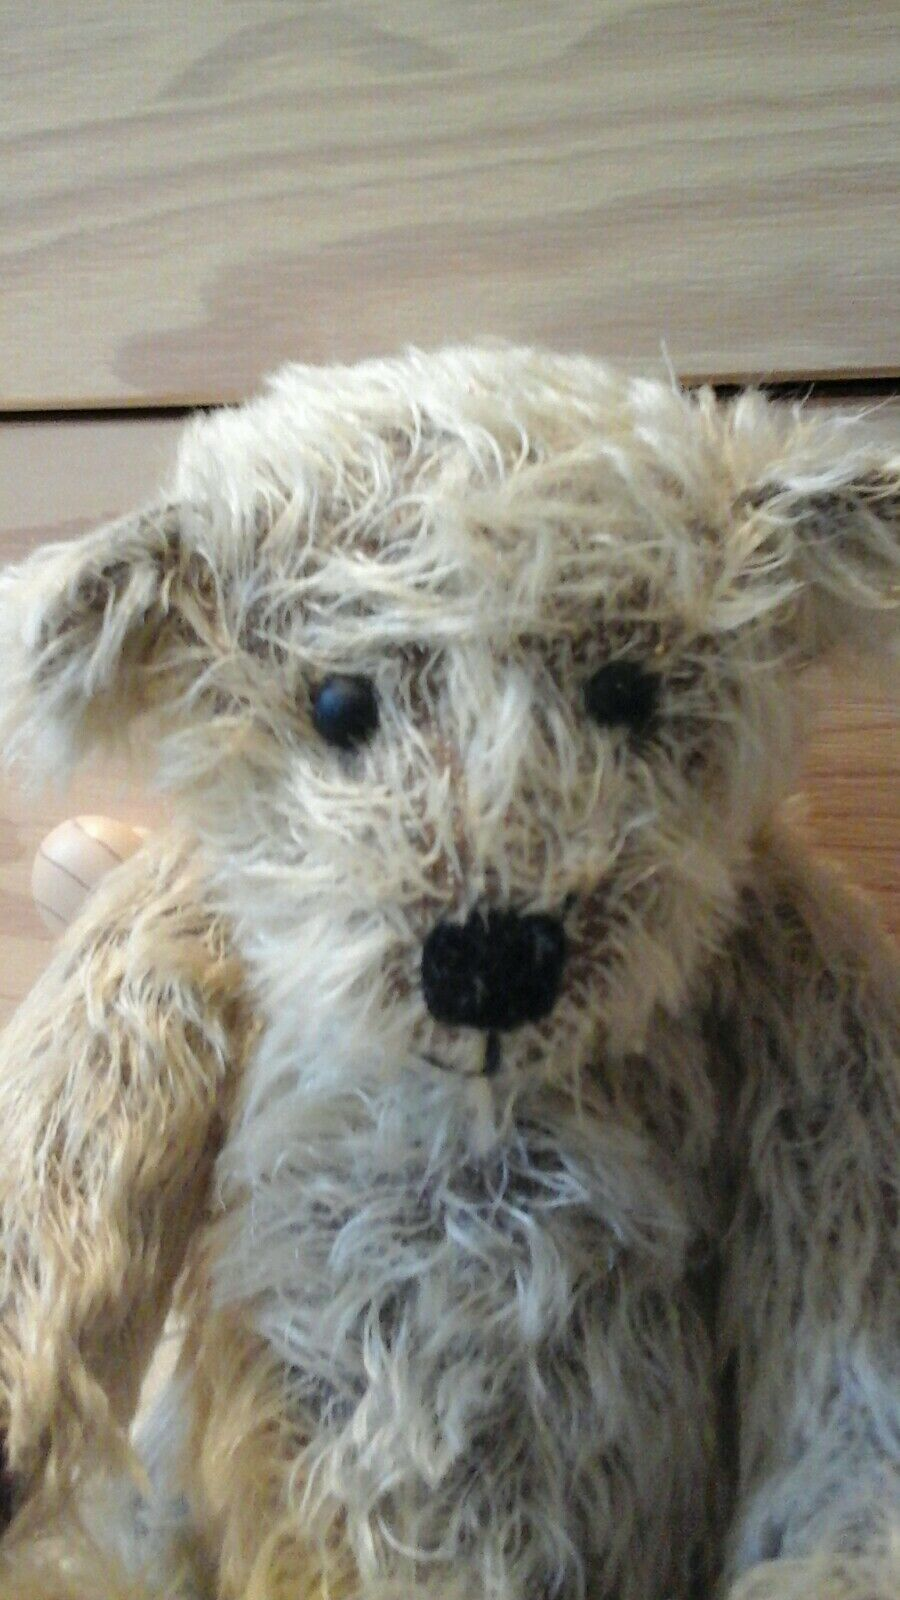 WILF WILF WILF OOAK Artist Teddy Bear by Grizzliz d25a5c